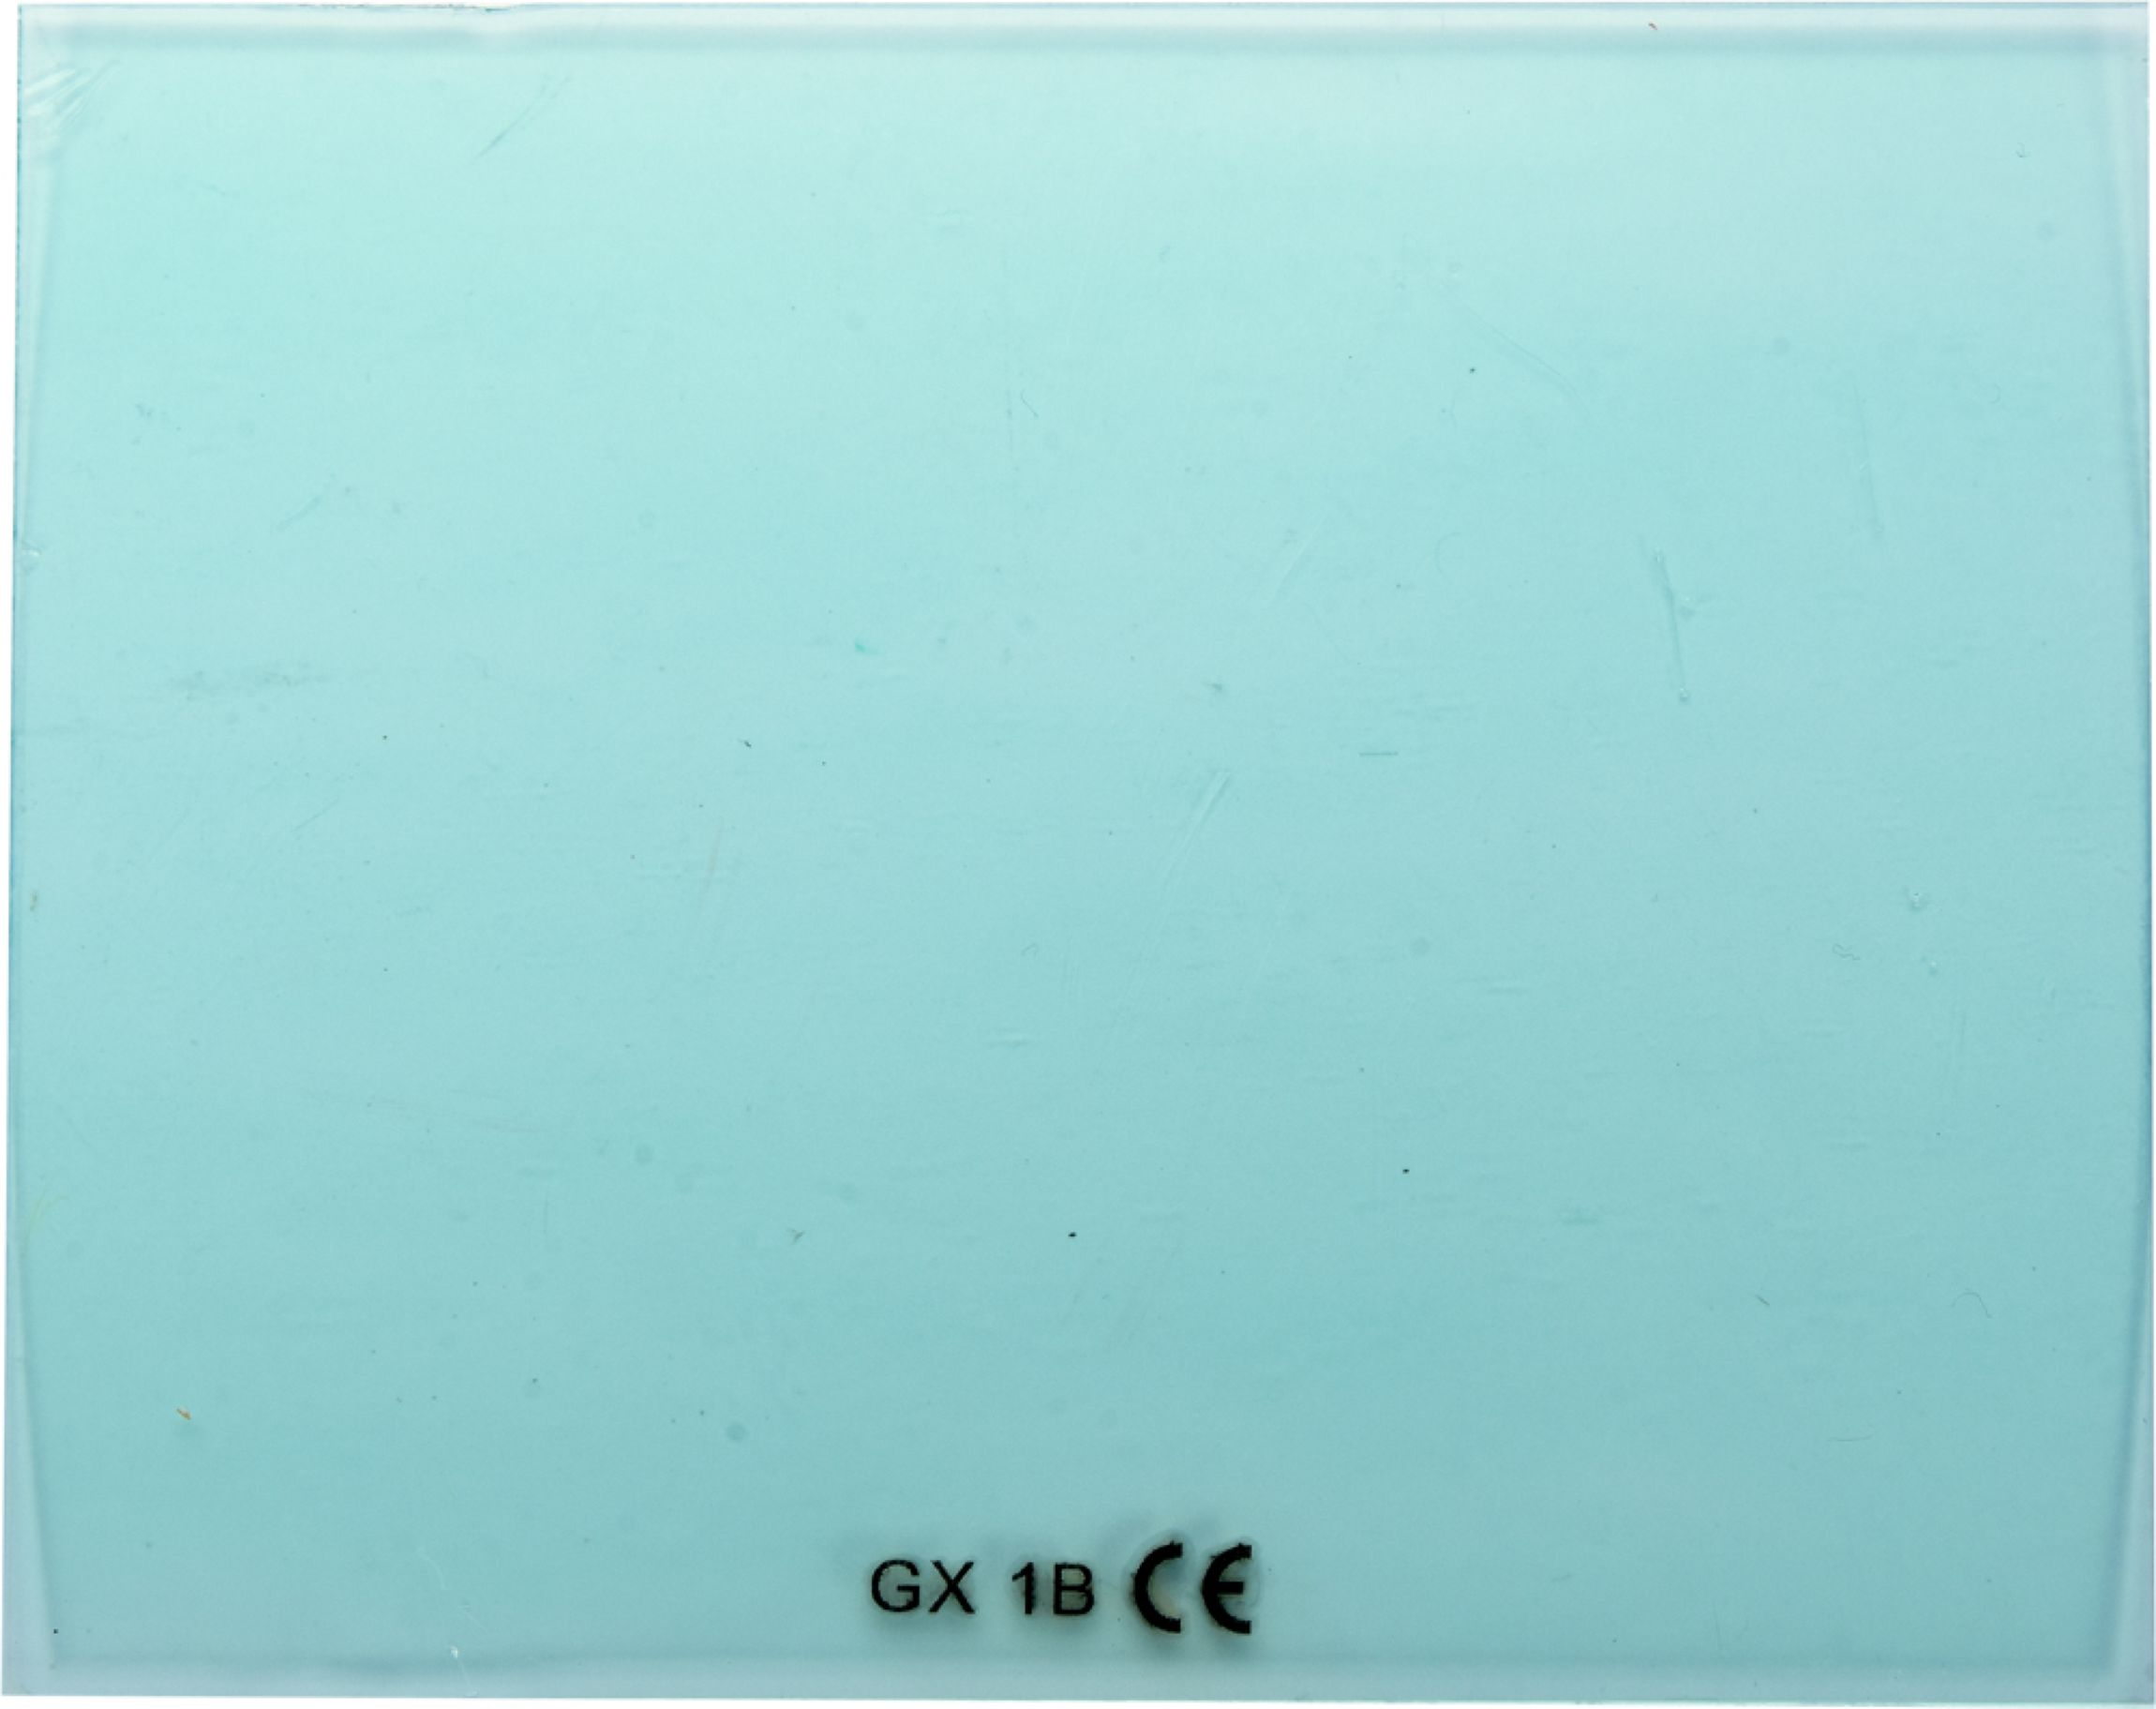 Krycí sklo pro svářečskou přilbu YT-73921, sada 5ks